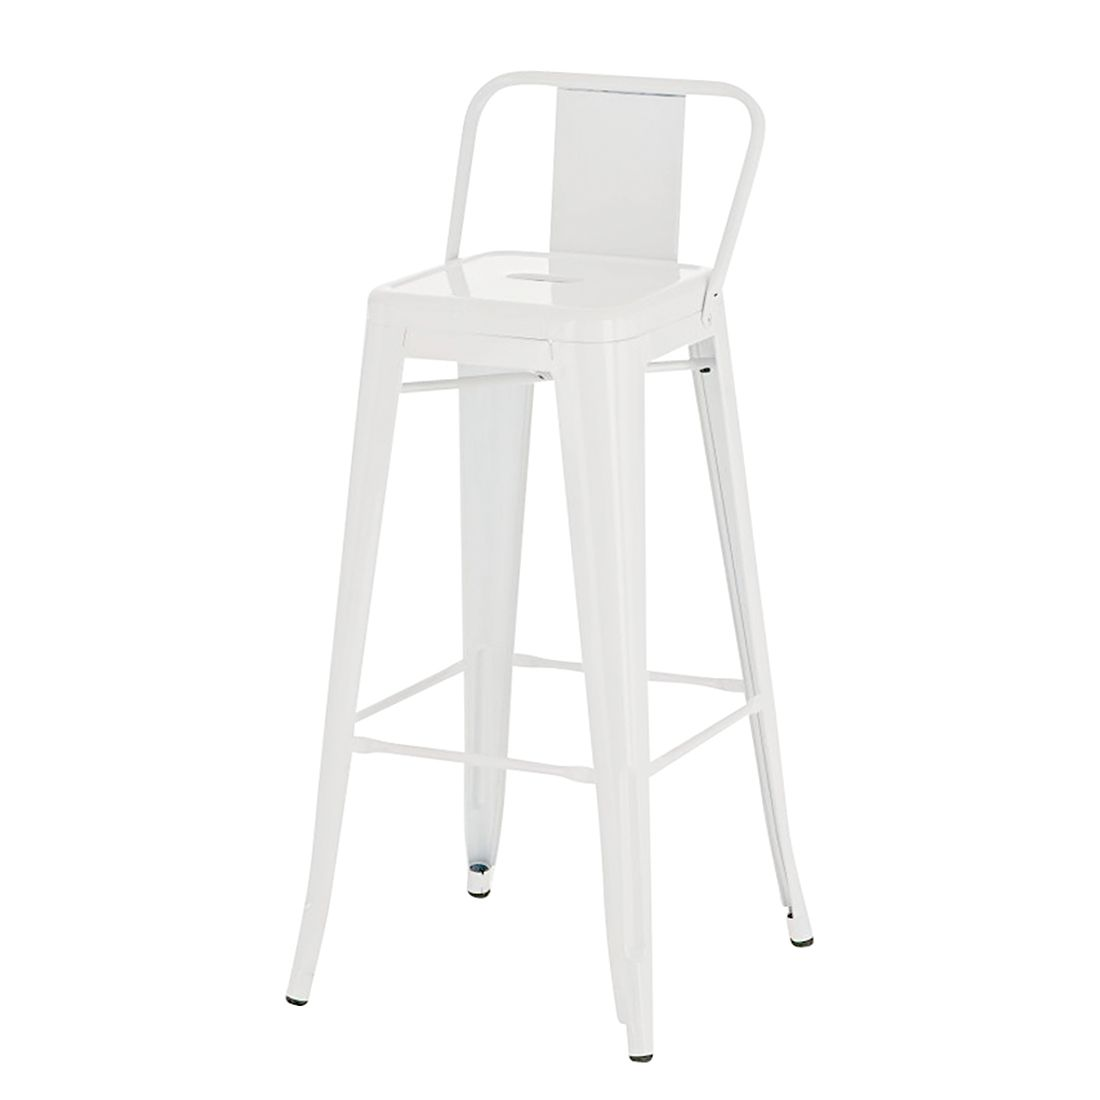 Barhocker Mason – Weiß – Metall Lackiert, furnlab günstig bestellen